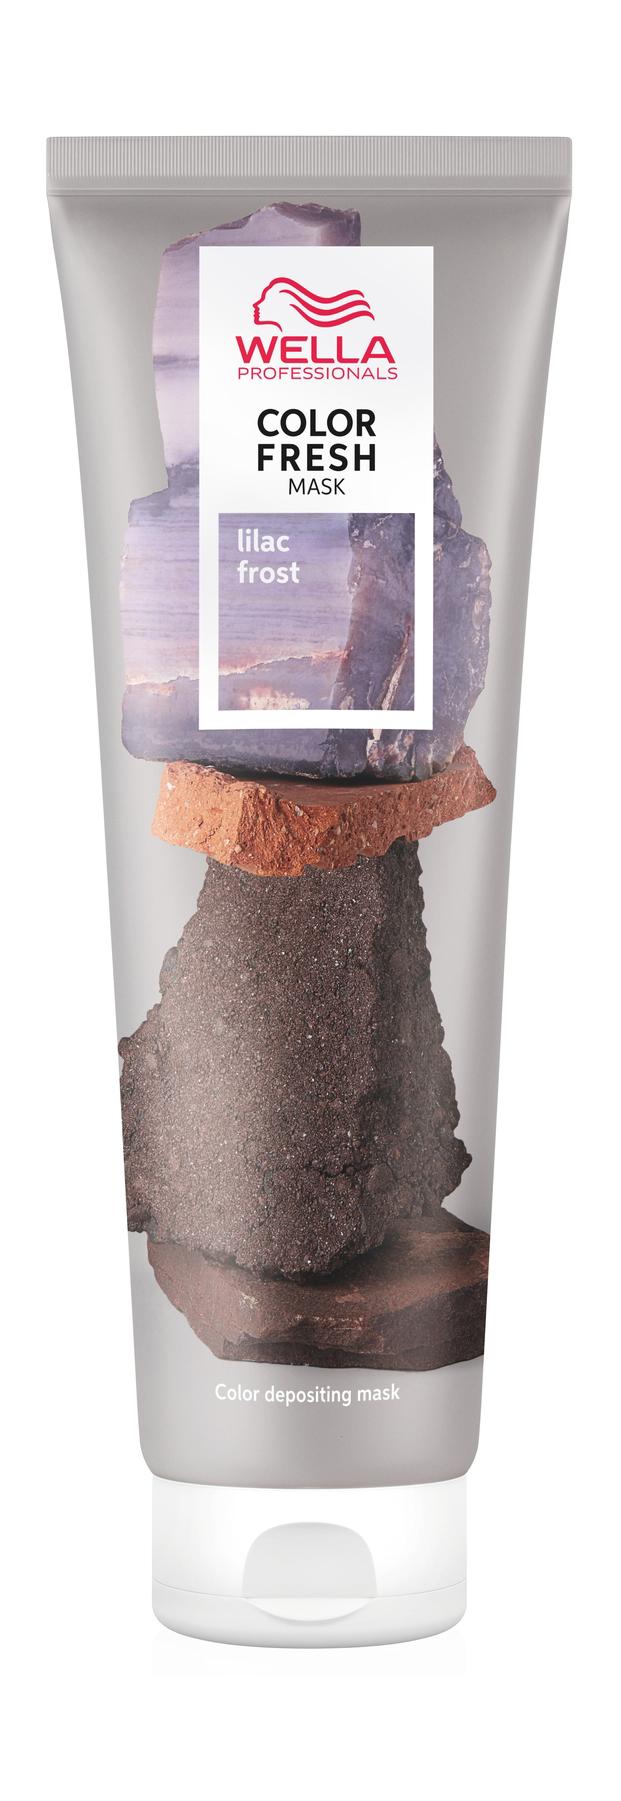 Купить Оттеночная маска для волос Wella Professionals Color Fresh Mask Lilac frost 150 мл